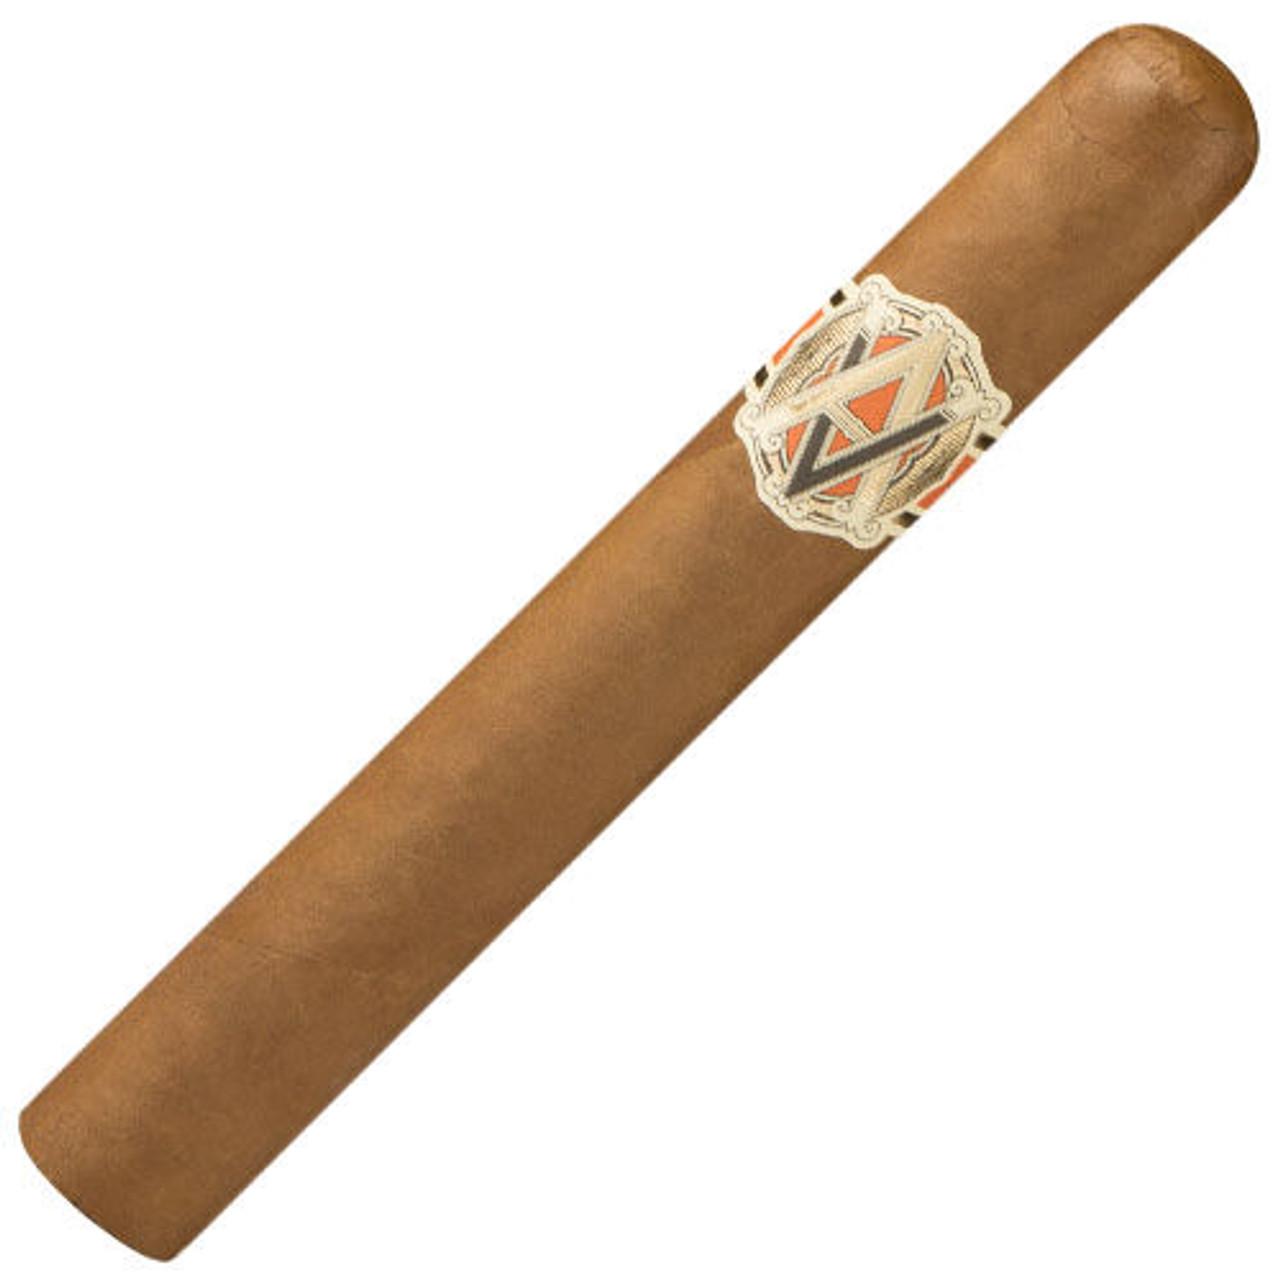 AVO XO Legato Cigars - 6 x 54 (Box of 20)